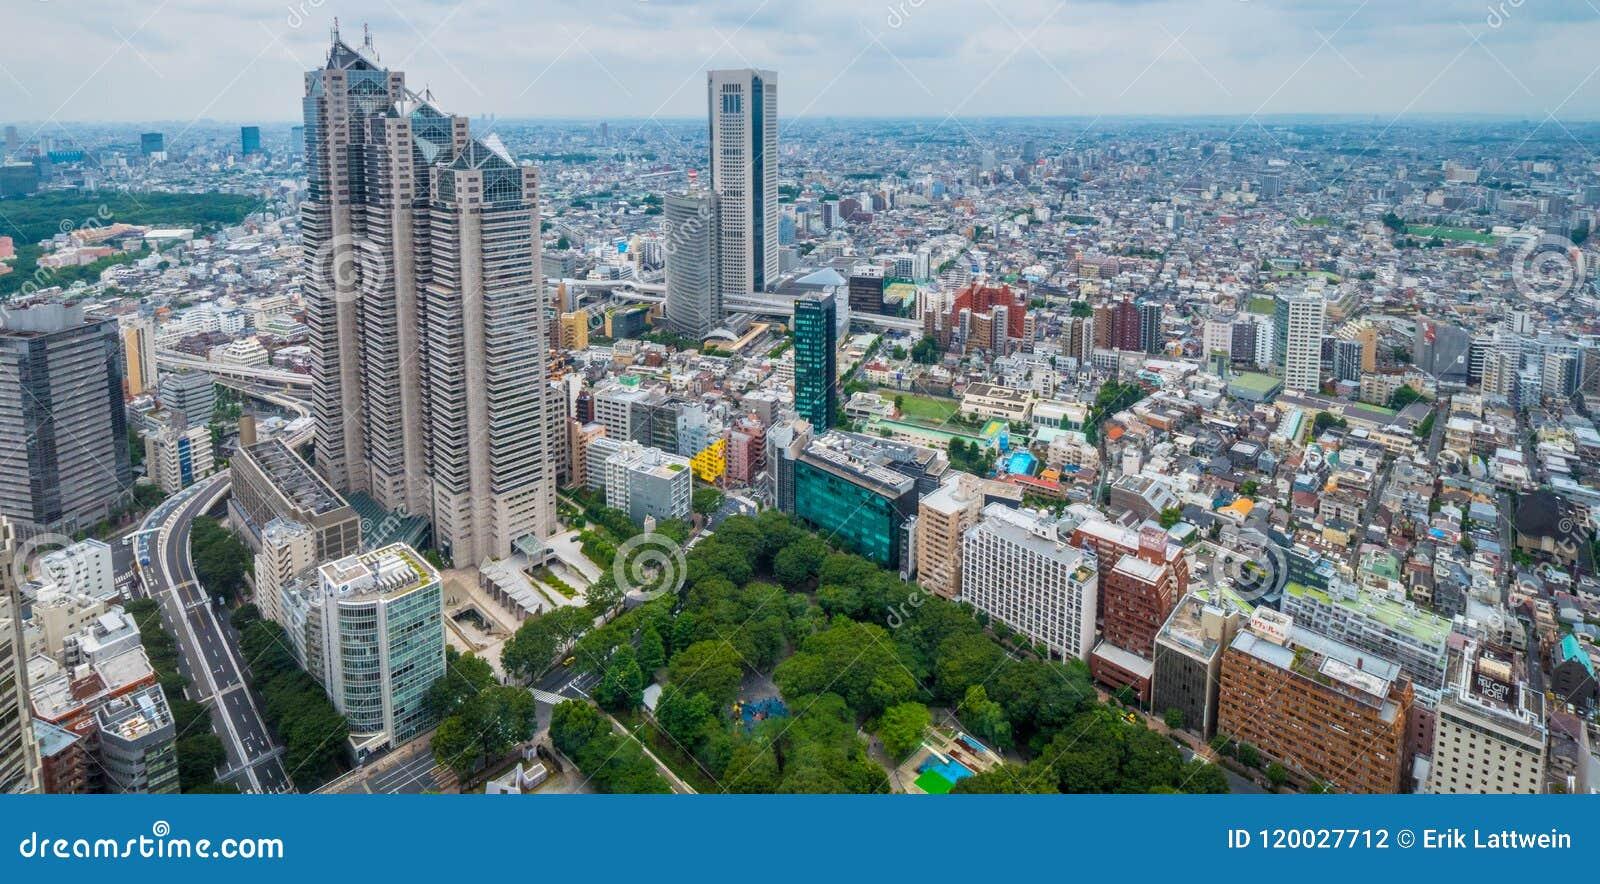 17, 2018 widok z lotu ptaka nad dużym miastem Tokio, TOKIO JAPONIA, CZERWIEC -, -